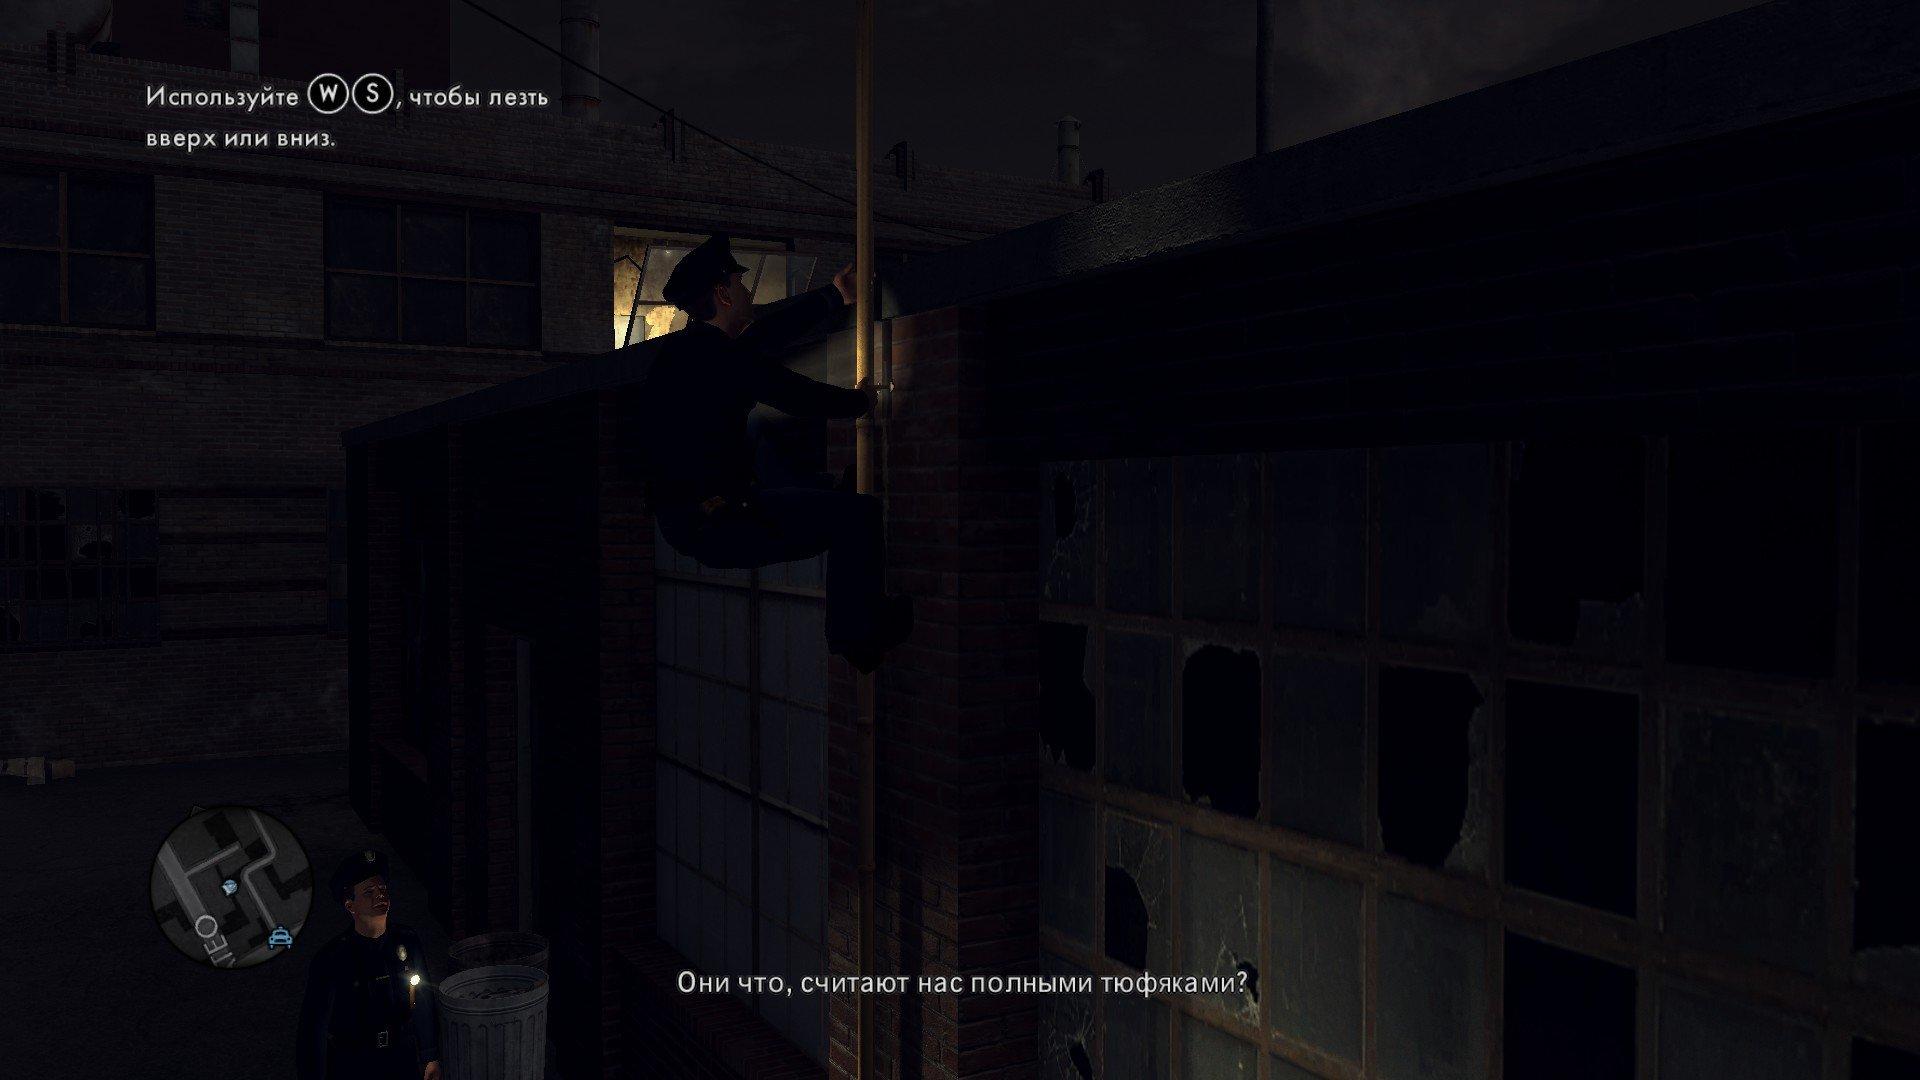 Пост-прохождение L.A. Noire Часть 1 НАЧАЛО!!!. - Изображение 15